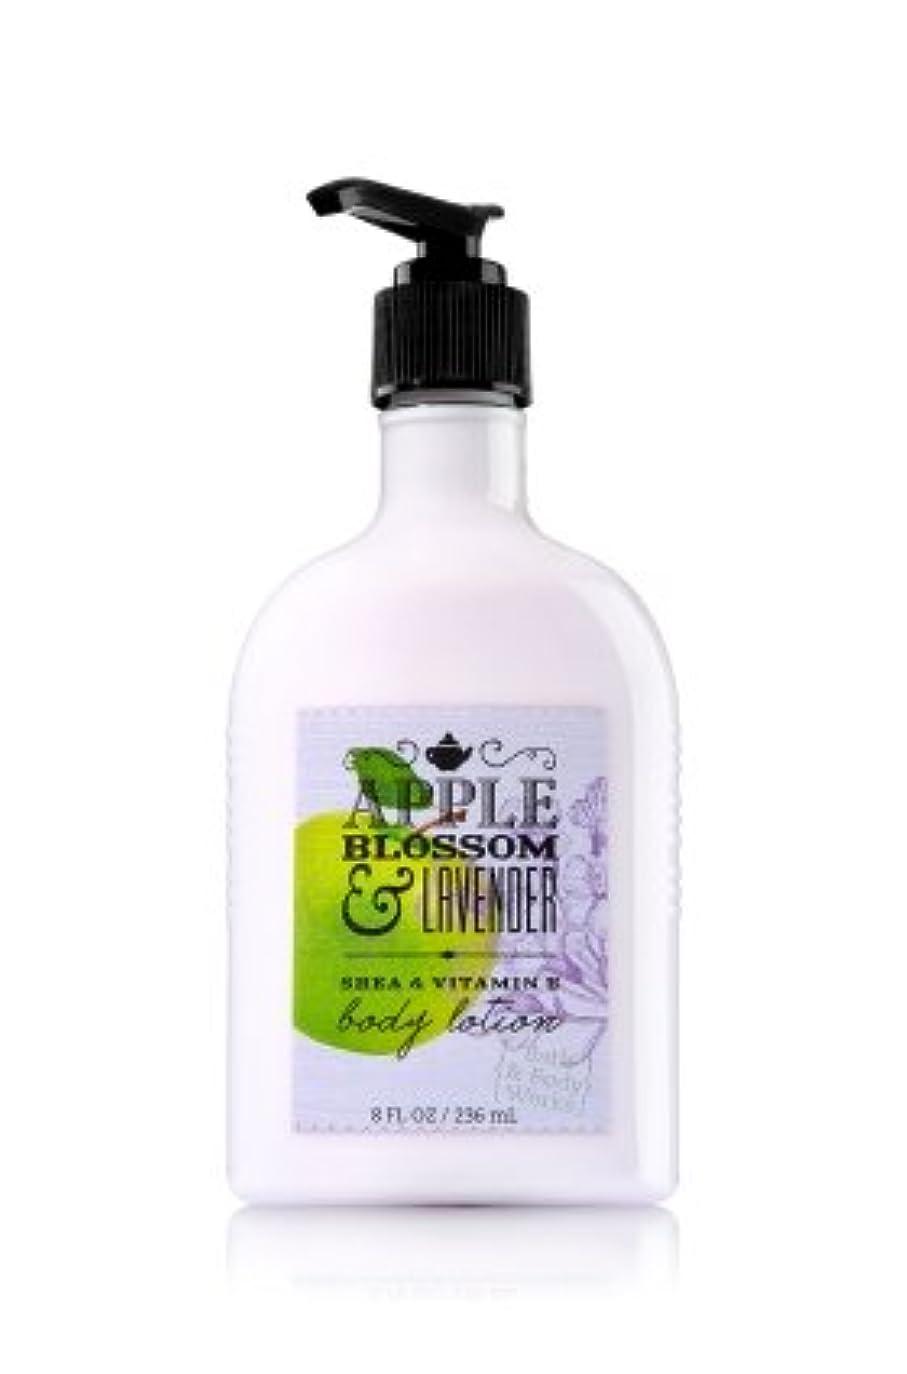 小数公平な開発【Bath&Body Works/バス&ボディワークス】 ボディローション アップルブロッサム&ラベンダー Body Lotion Apple Blossom & Lavender 8 fl oz / 236 mL [並行輸入品]